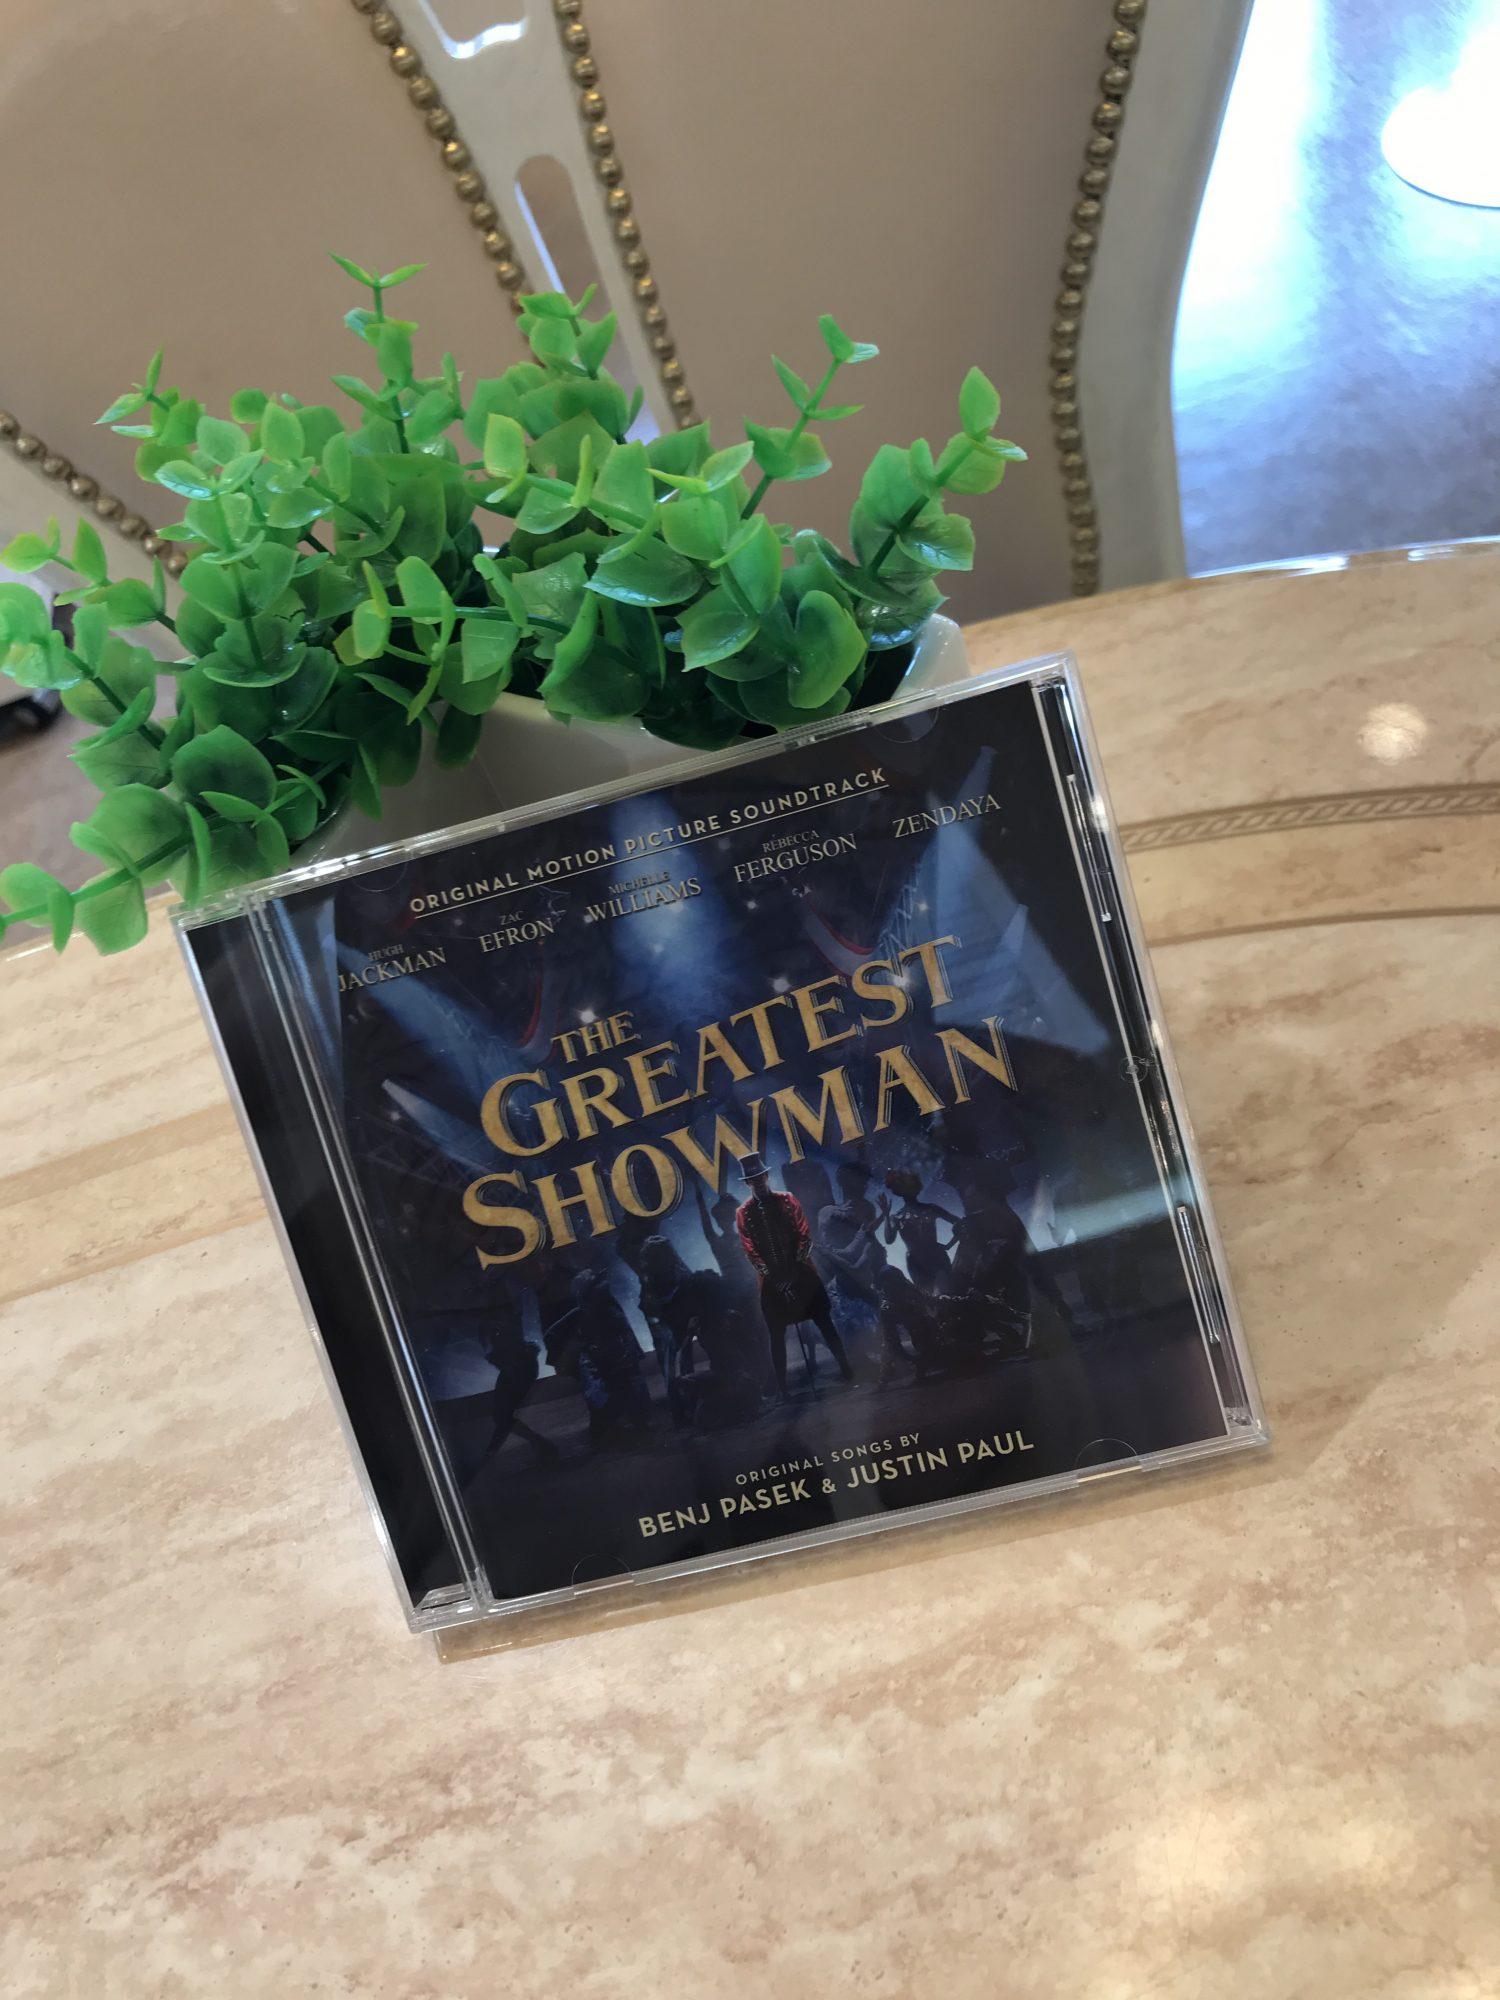 「イオン倉敷MOVIXでヒュー・ジャックマン主演映画グレイテスト・ショーマンを見てきました🎦」のアイキャッチ